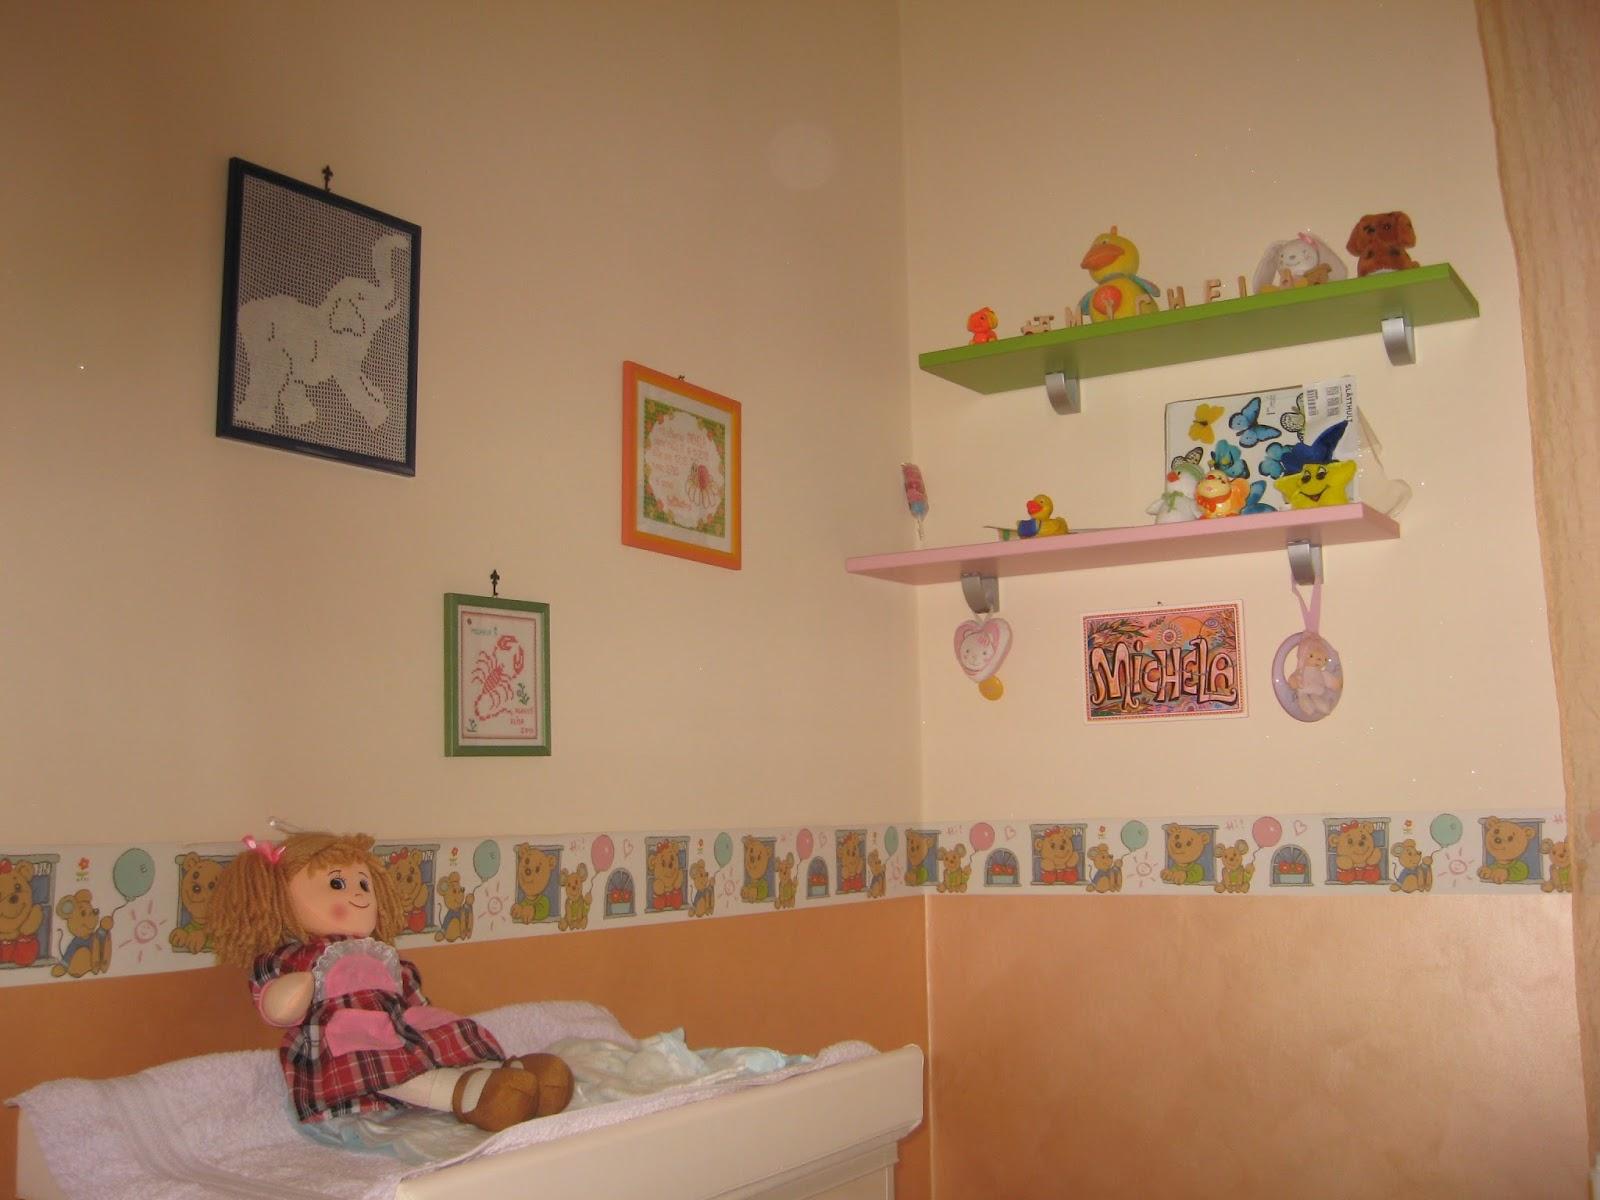 Decorare Pareti Cameretta Neonato : Decorare cameretta neonato come decorare una cameretta per